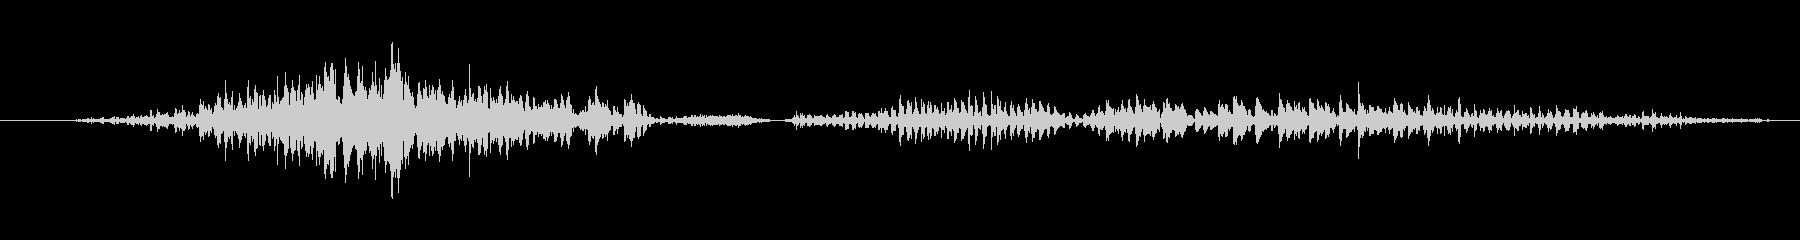 鳴き声 男性の呪い悪04の未再生の波形